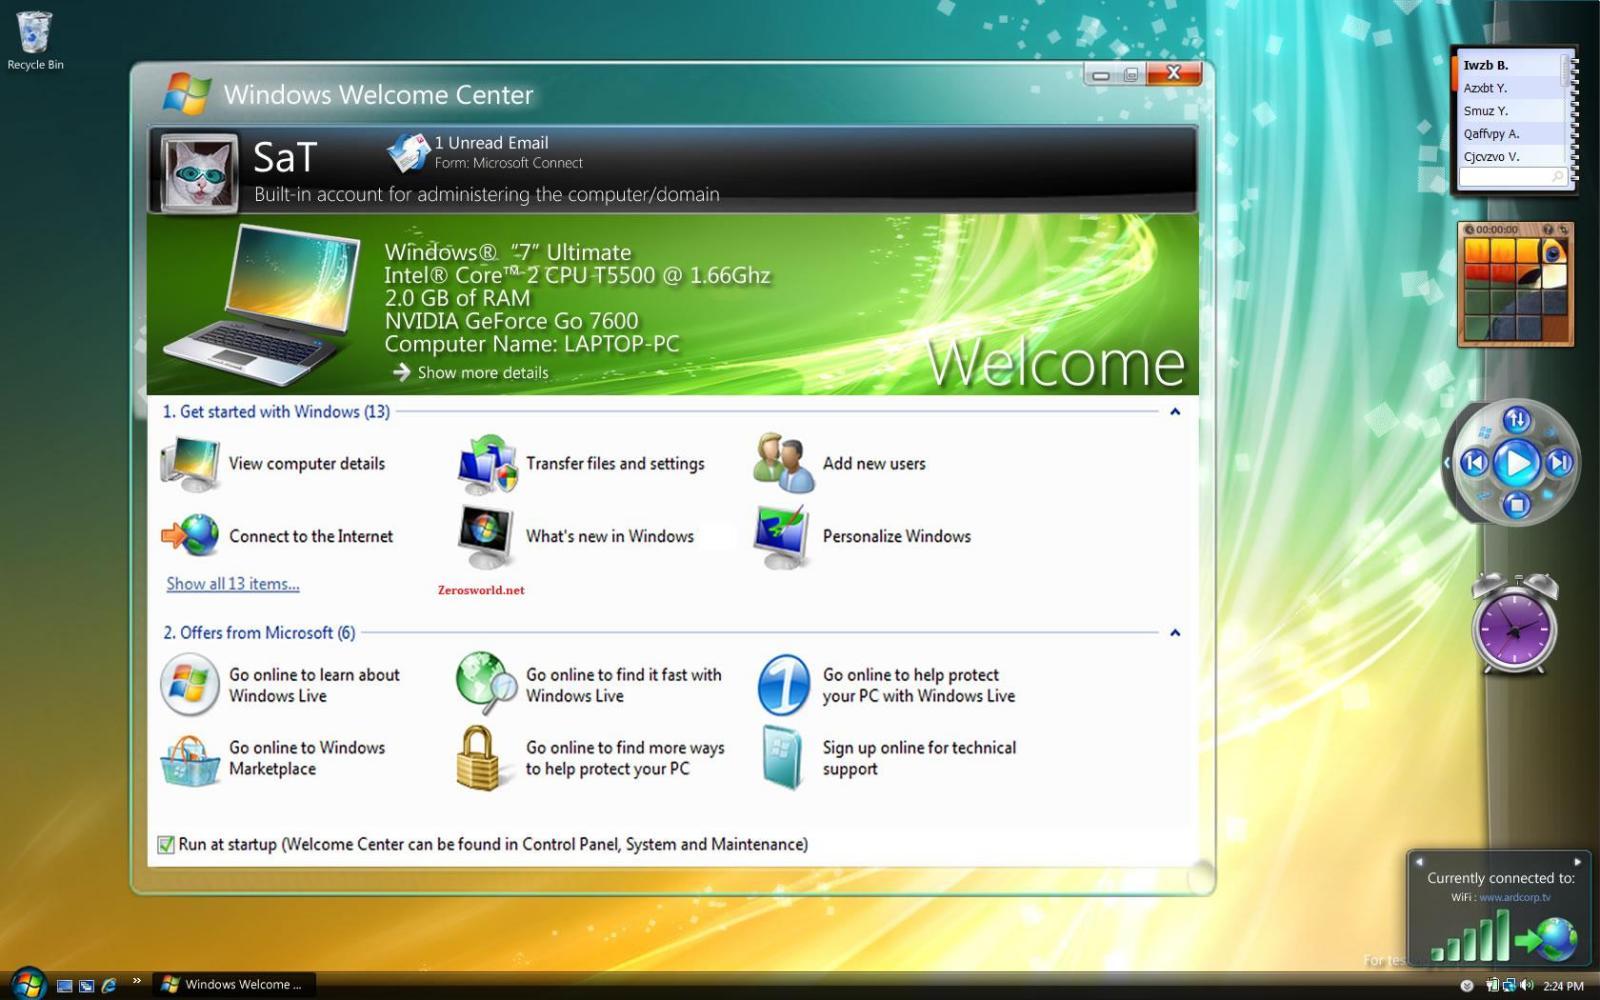 windows 7 centro de bienvenida - CLIC PARA AMPLIAR